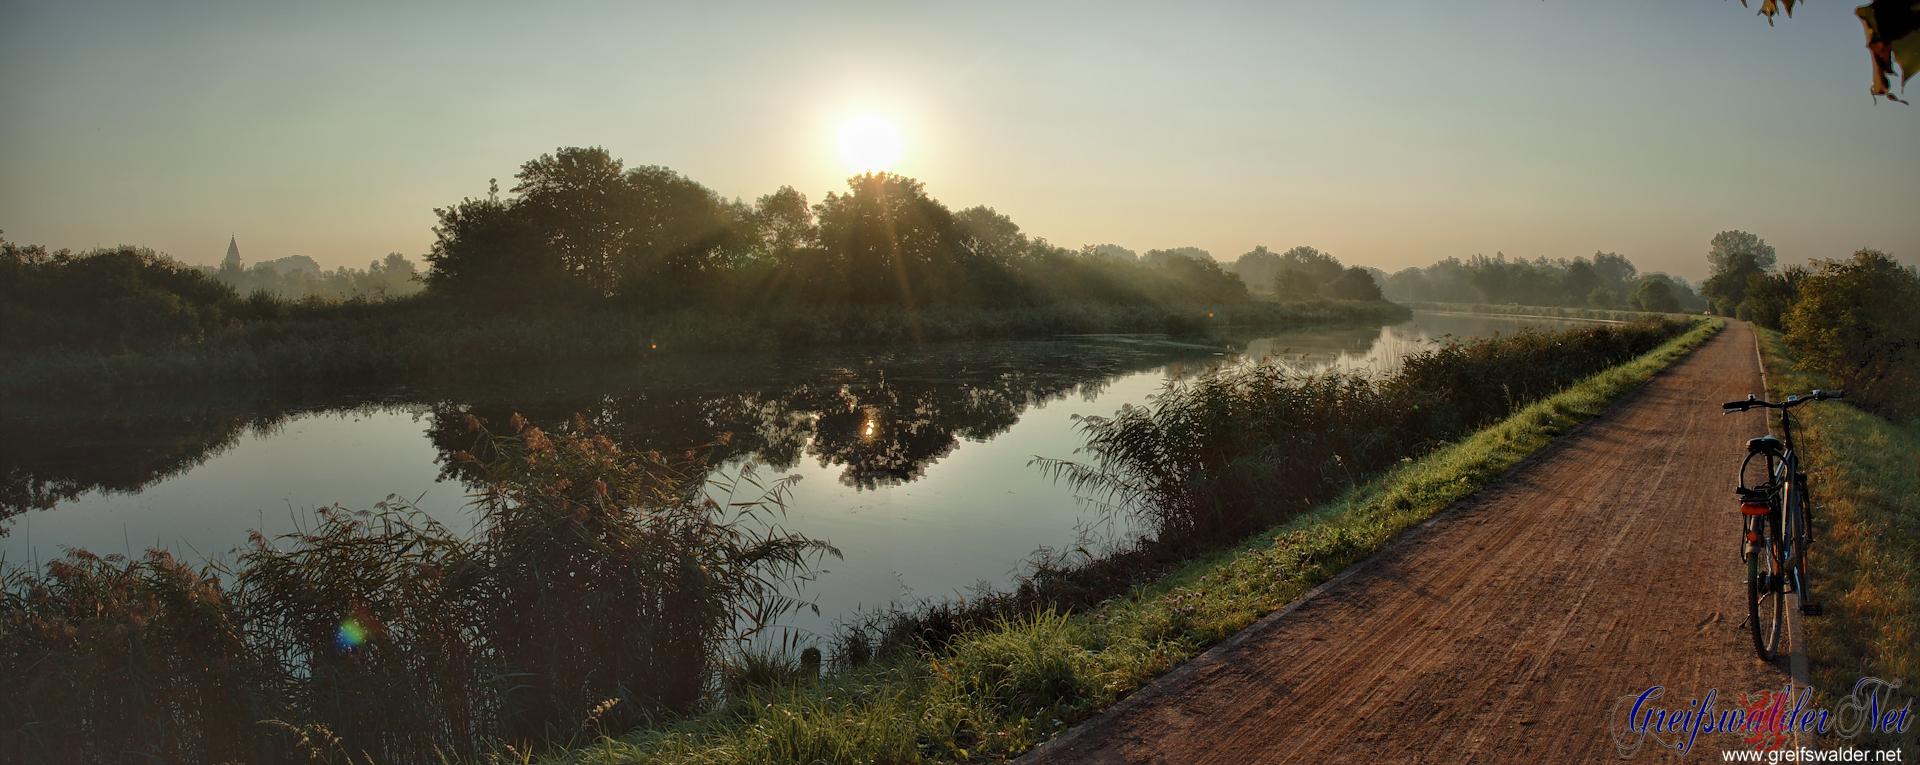 Mittwochmorgen am Ryck in Greifswald